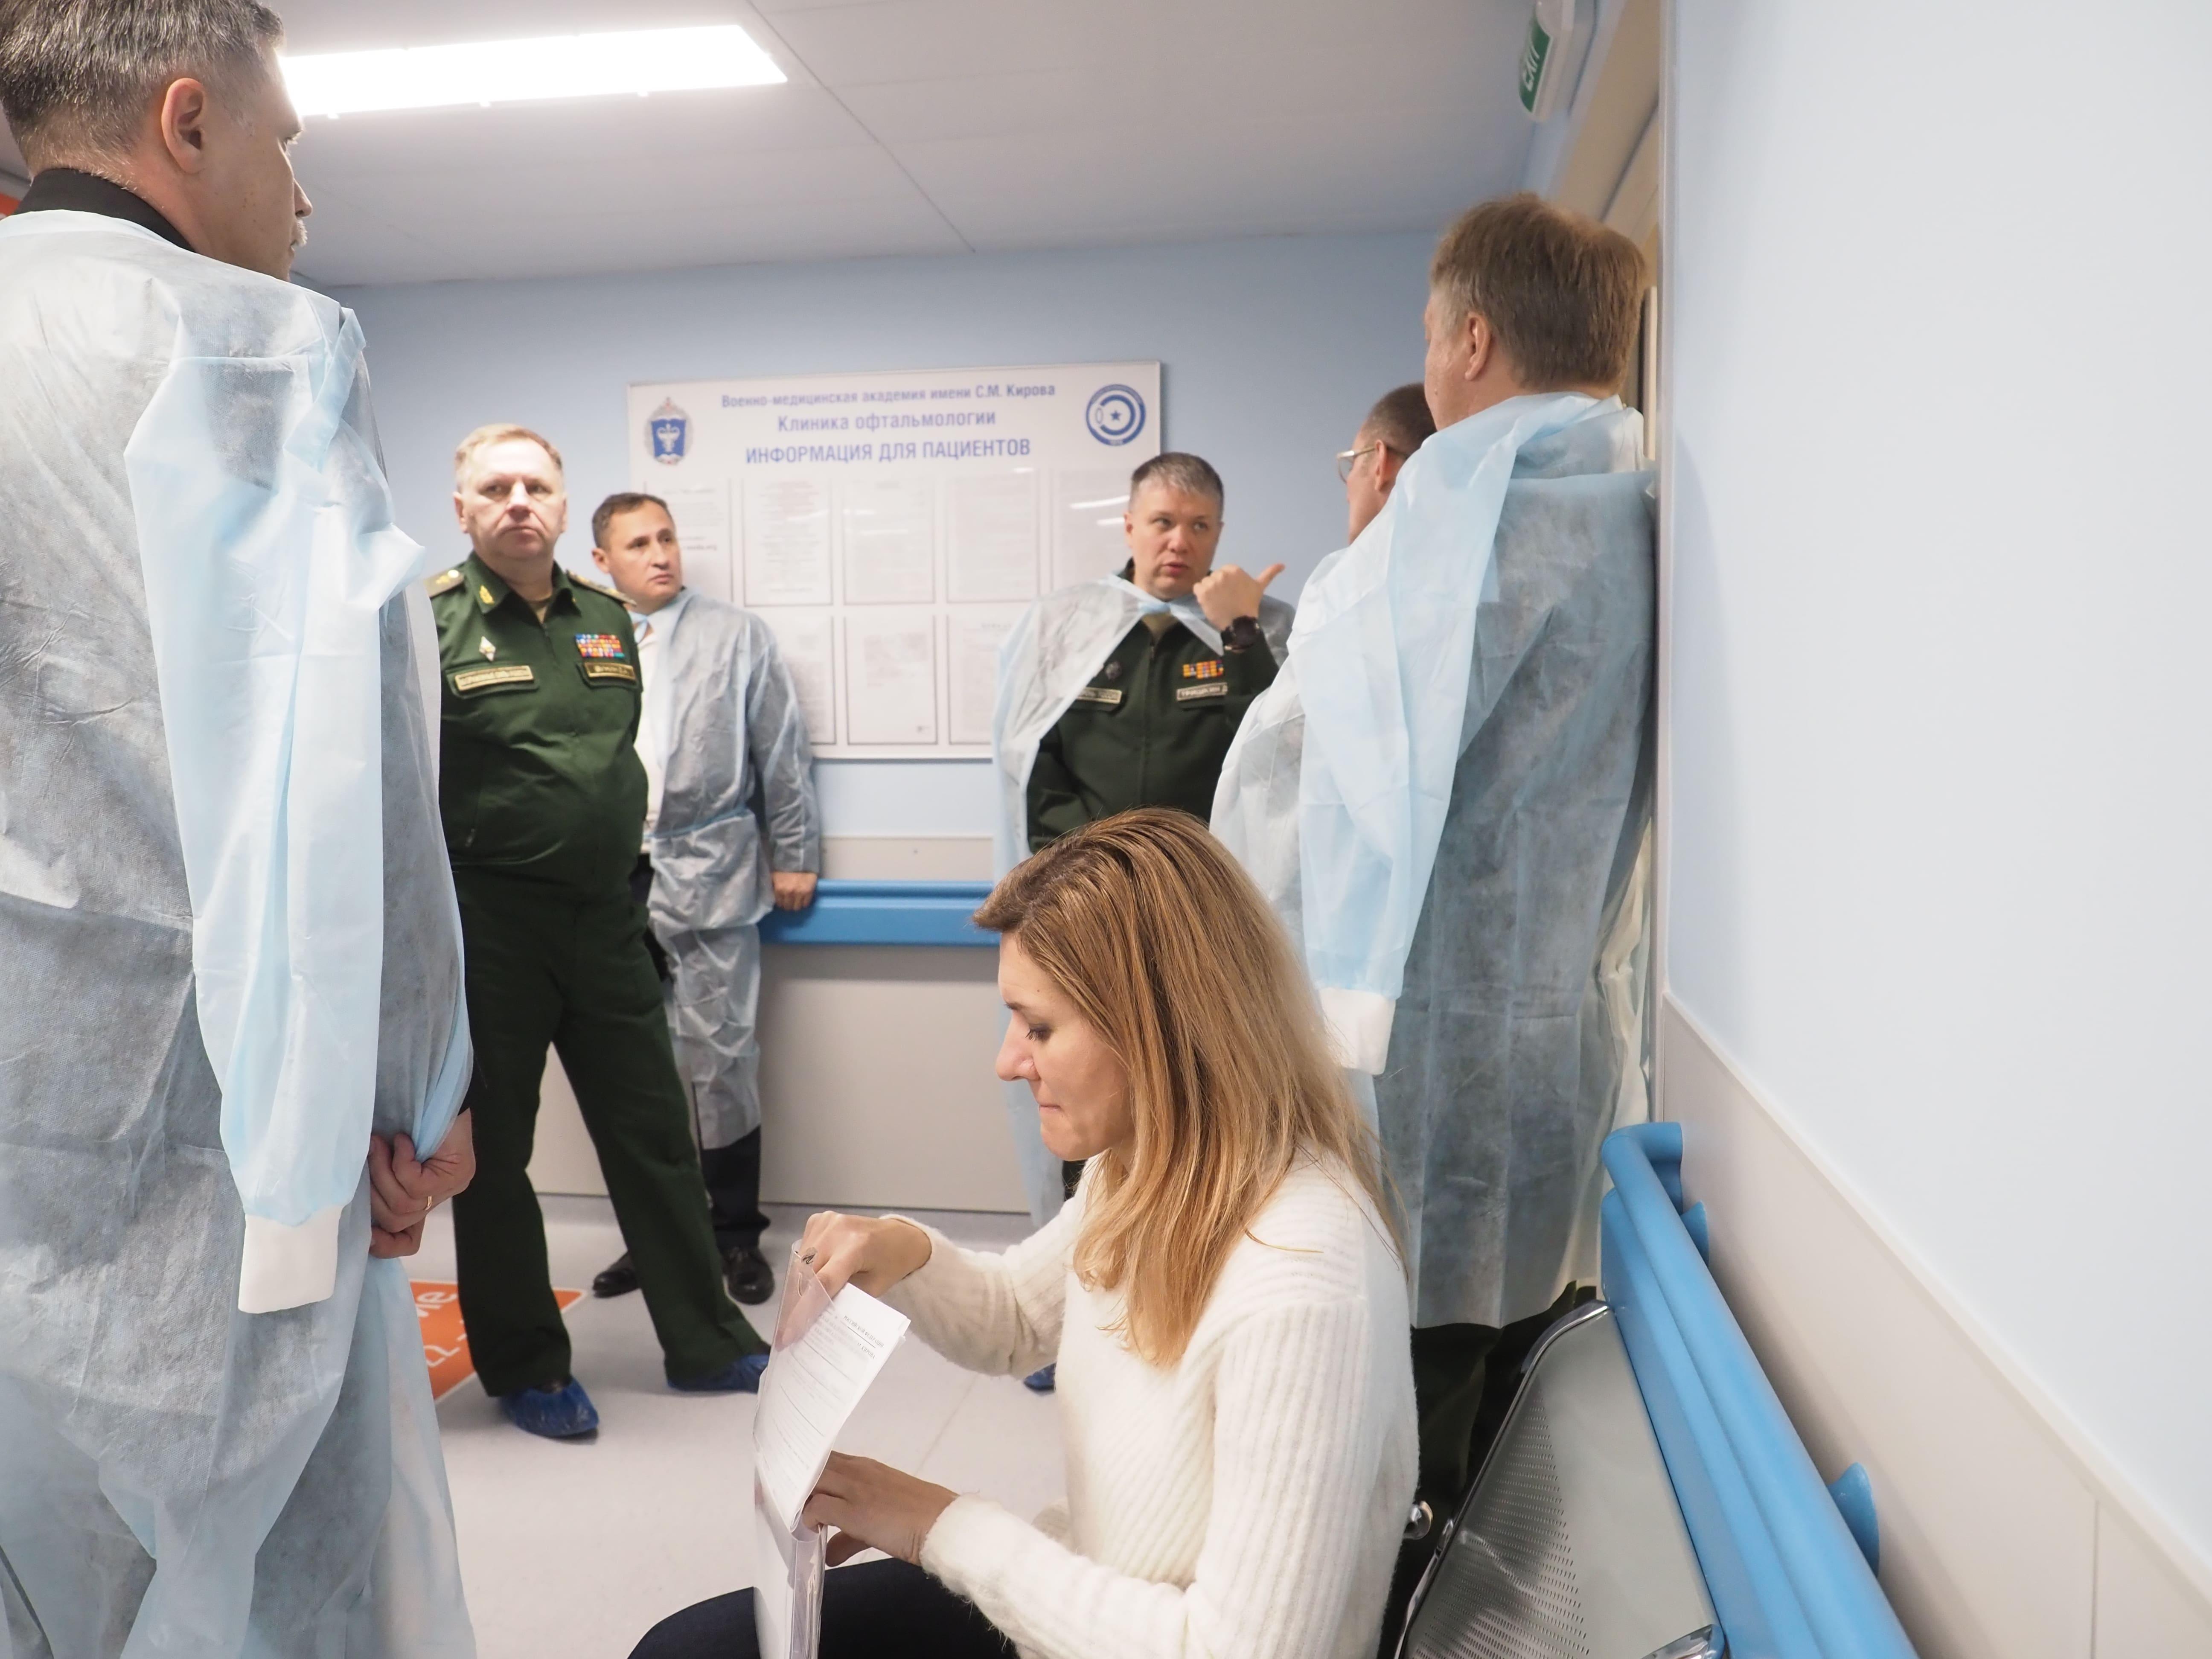 Начальник Главного военно-медицинского управления проверил готовые и реконструируемые объекты Военно-медицинской академии